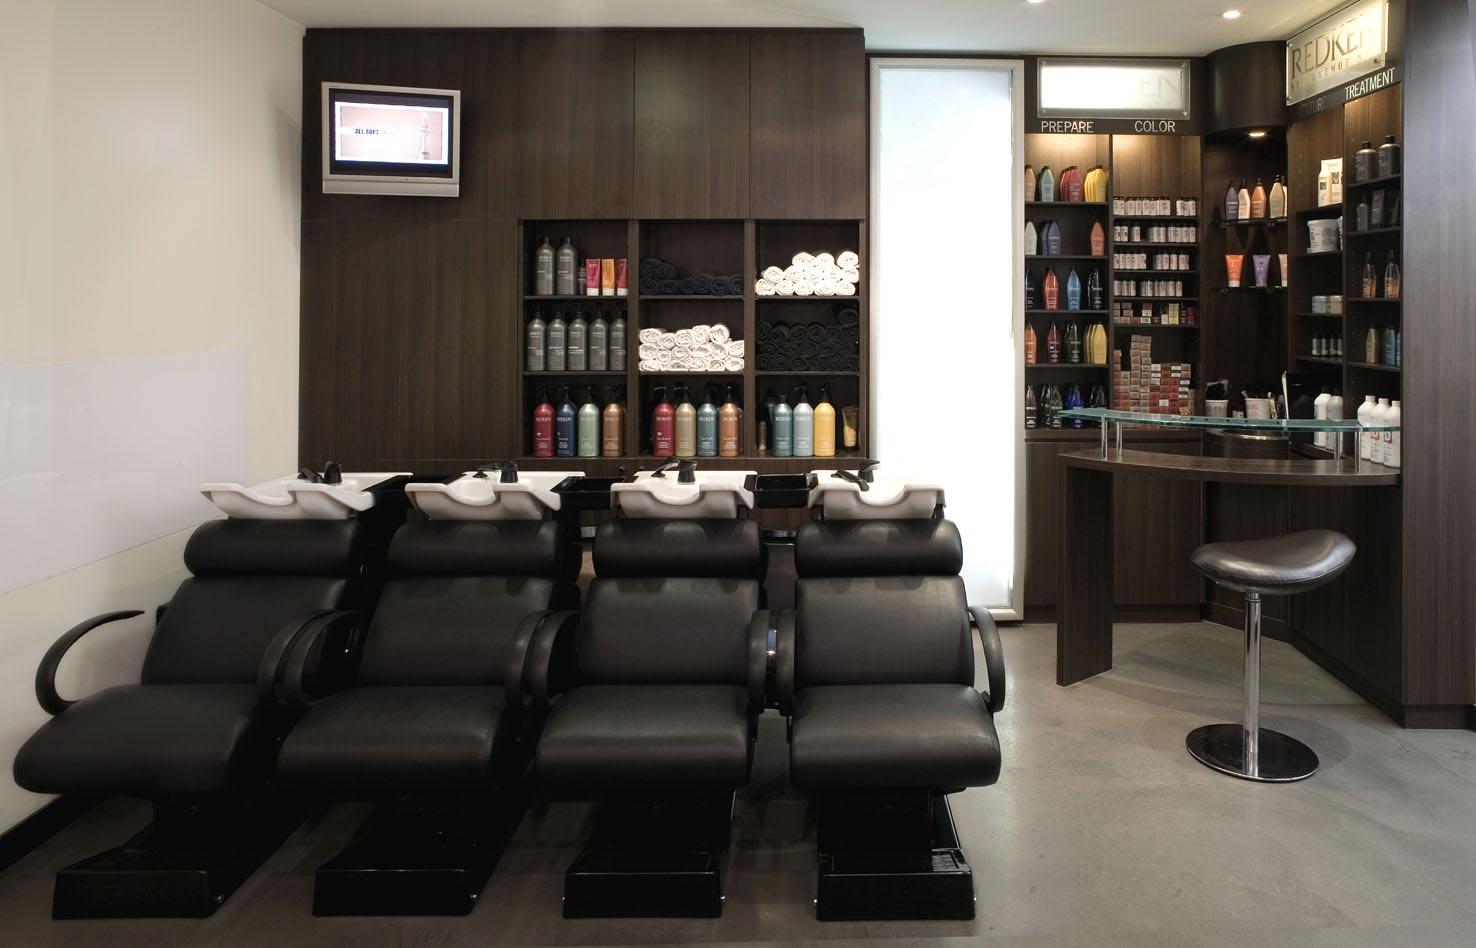 faire une nouvelle coiffure saint algue coiffure vannes nimes tendance axkwp. Black Bedroom Furniture Sets. Home Design Ideas